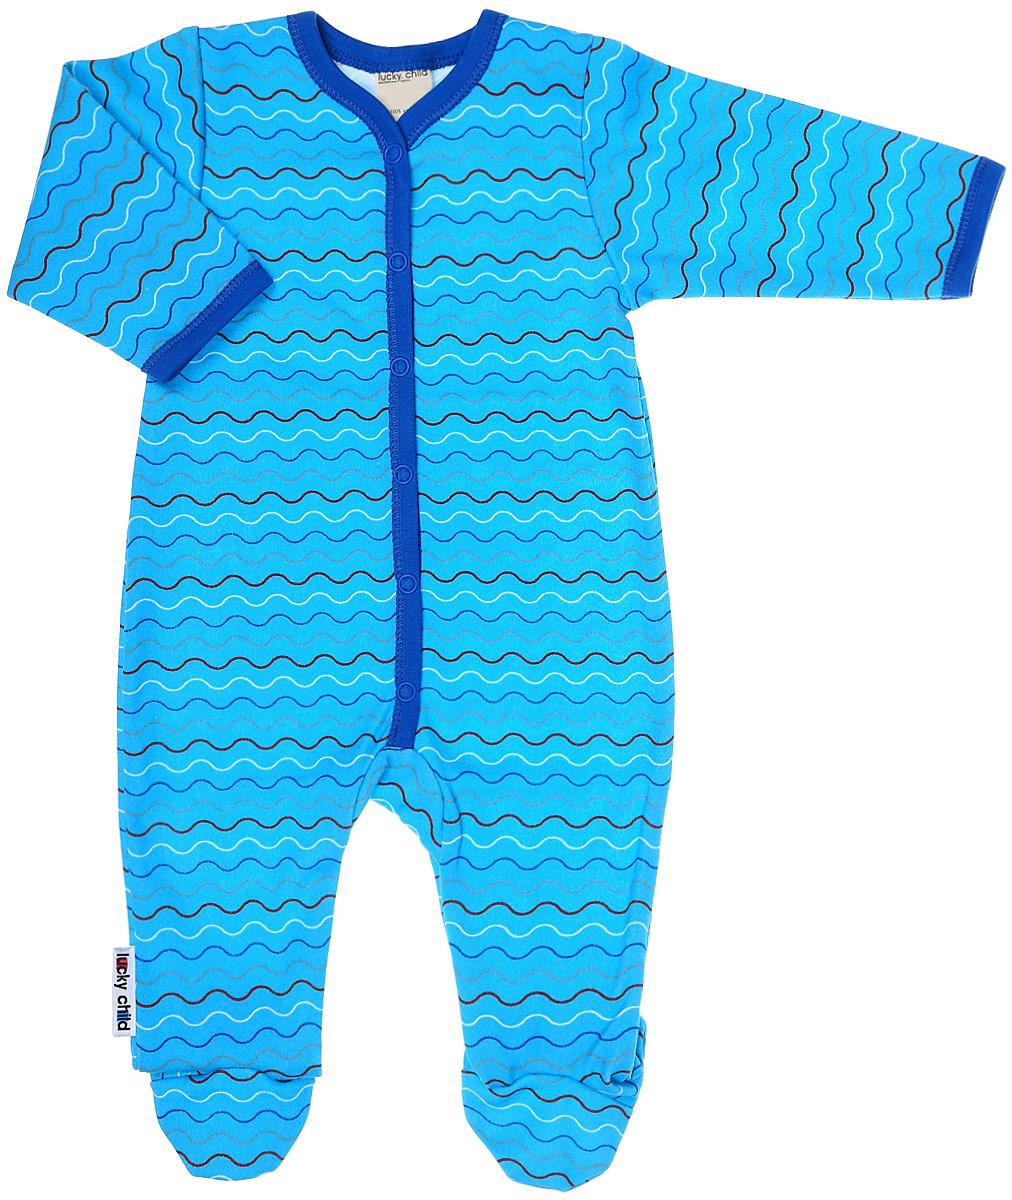 Комбинезон домашний детский Luky Child, цвет: голубой, синий. А5-103. Размер 80/86А5-103Детский комбинезон Lucky Child - очень удобный и практичный вид одежды для малышей. Комбинезон выполнен из натурального хлопка, благодаря чему он необычайно мягкий и приятный на ощупь, не раздражают нежную кожу ребенка и хорошо вентилируются, а эластичные швы приятны телу малыша и не препятствуют его движениям. Комбинезон с длинными рукавами и закрытыми ножками имеет застежки-кнопки от горловины до щиколоток, которые помогают легко переодеть младенца или сменить подгузник. С детским комбинезоном Lucky Child спинка и ножки вашего малыша всегда будут в тепле, он идеален для использования днем и незаменим ночью. Комбинезон полностью соответствует особенностям жизни младенца в ранний период, не стесняя и не ограничивая его в движениях!